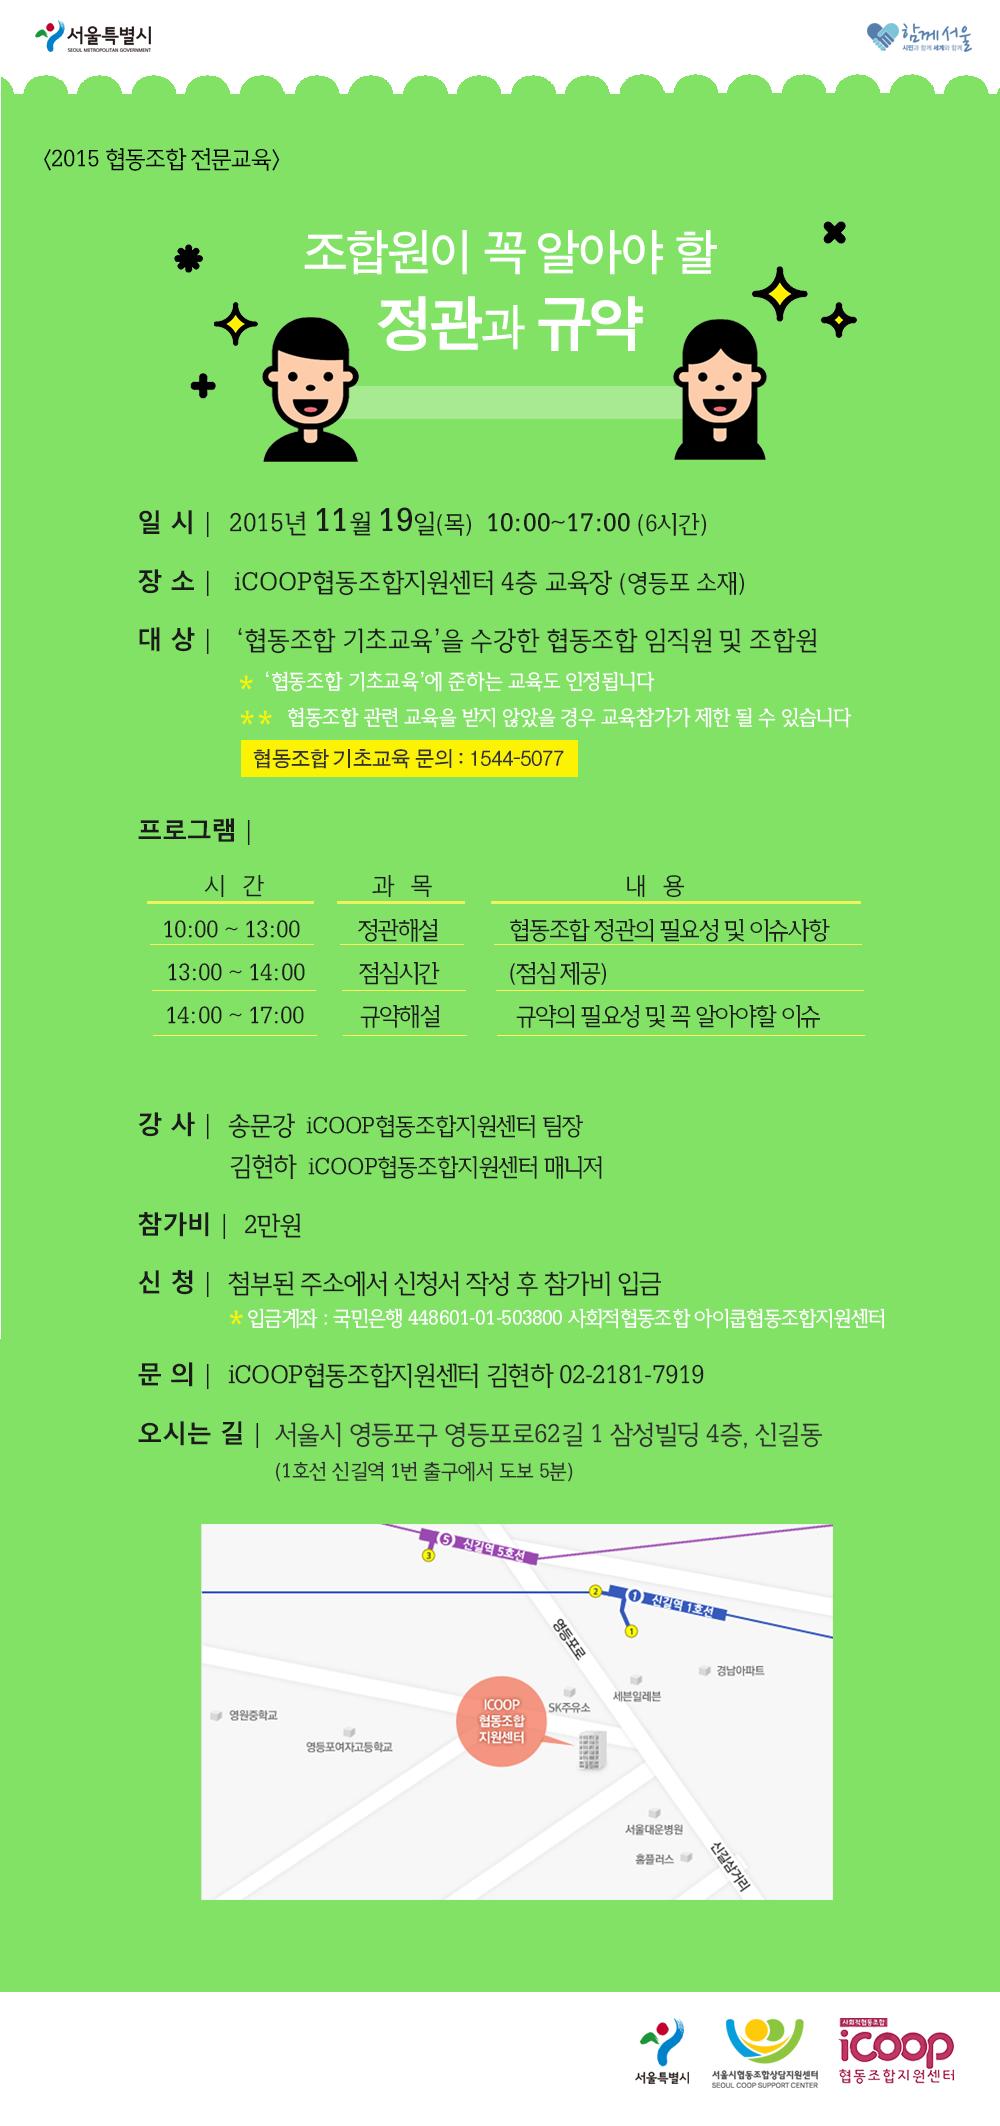 151027협동센터(공문)123_붙임2.정관규약 교육 웹자보.png